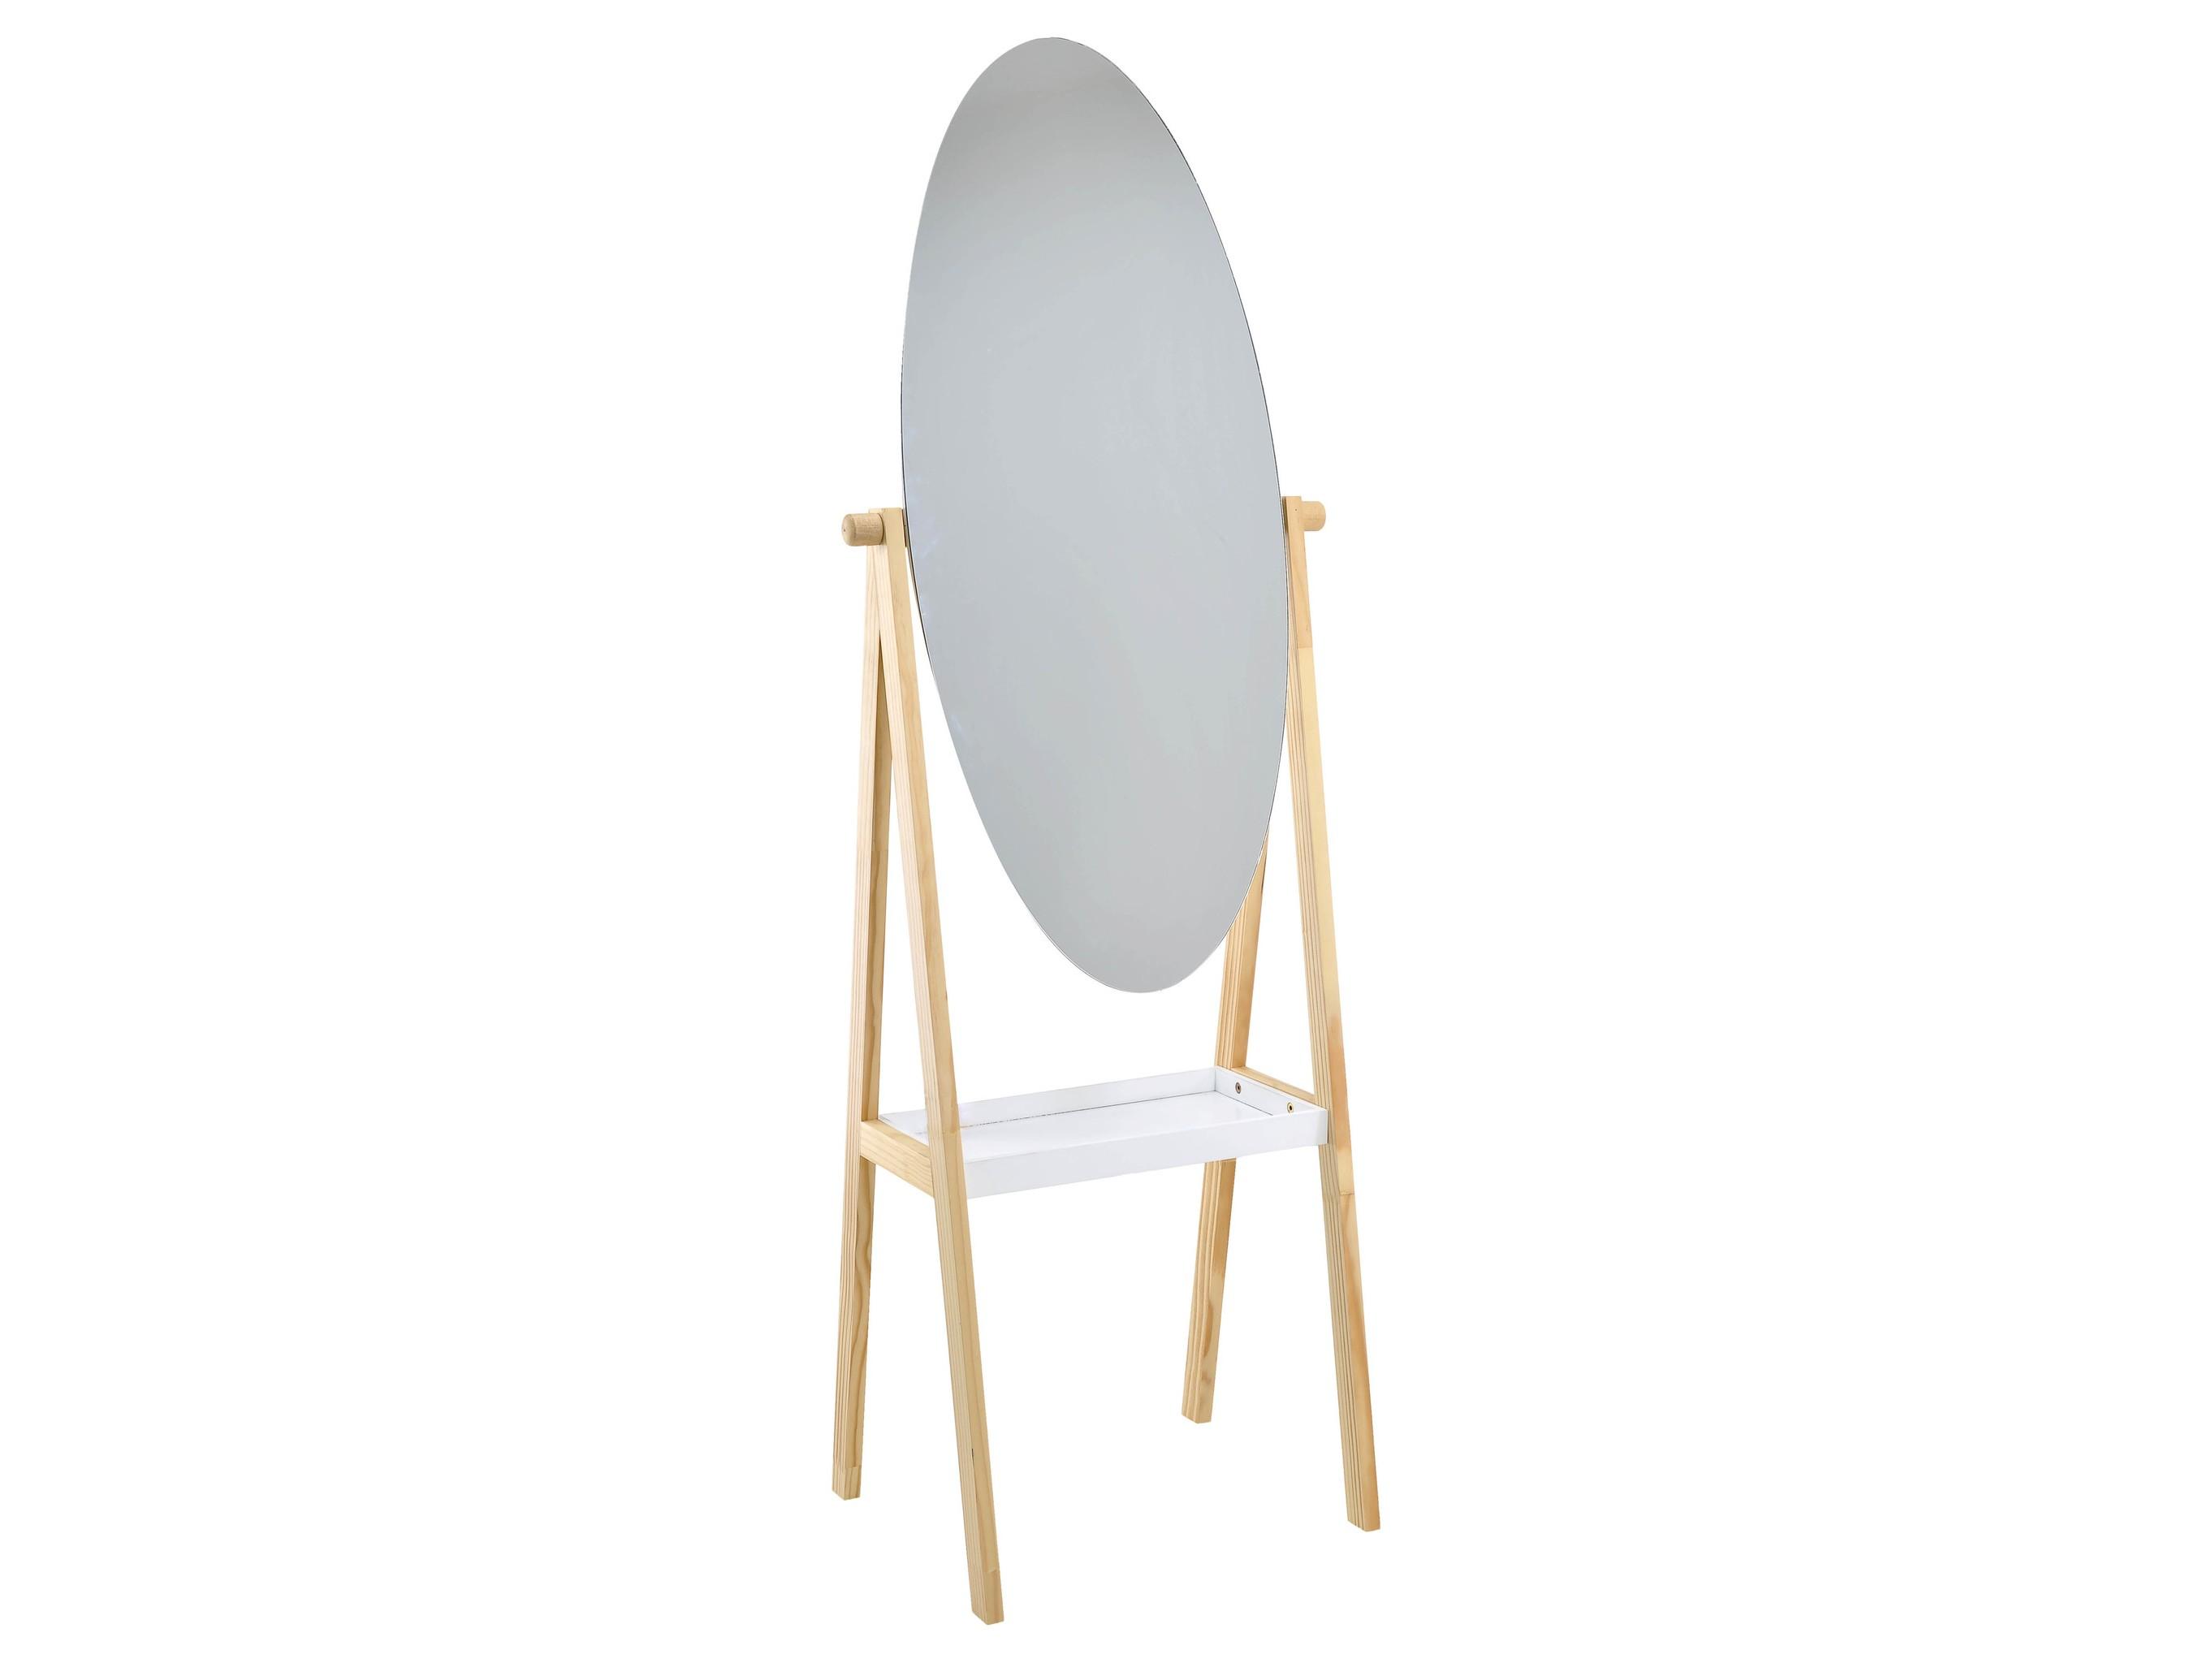 Зеркало напольное JeoffreyНапольные зеркала<br><br><br>Material: Дерево<br>Ширина см: 44.0<br>Высота см: 145.0<br>Глубина см: 40.0